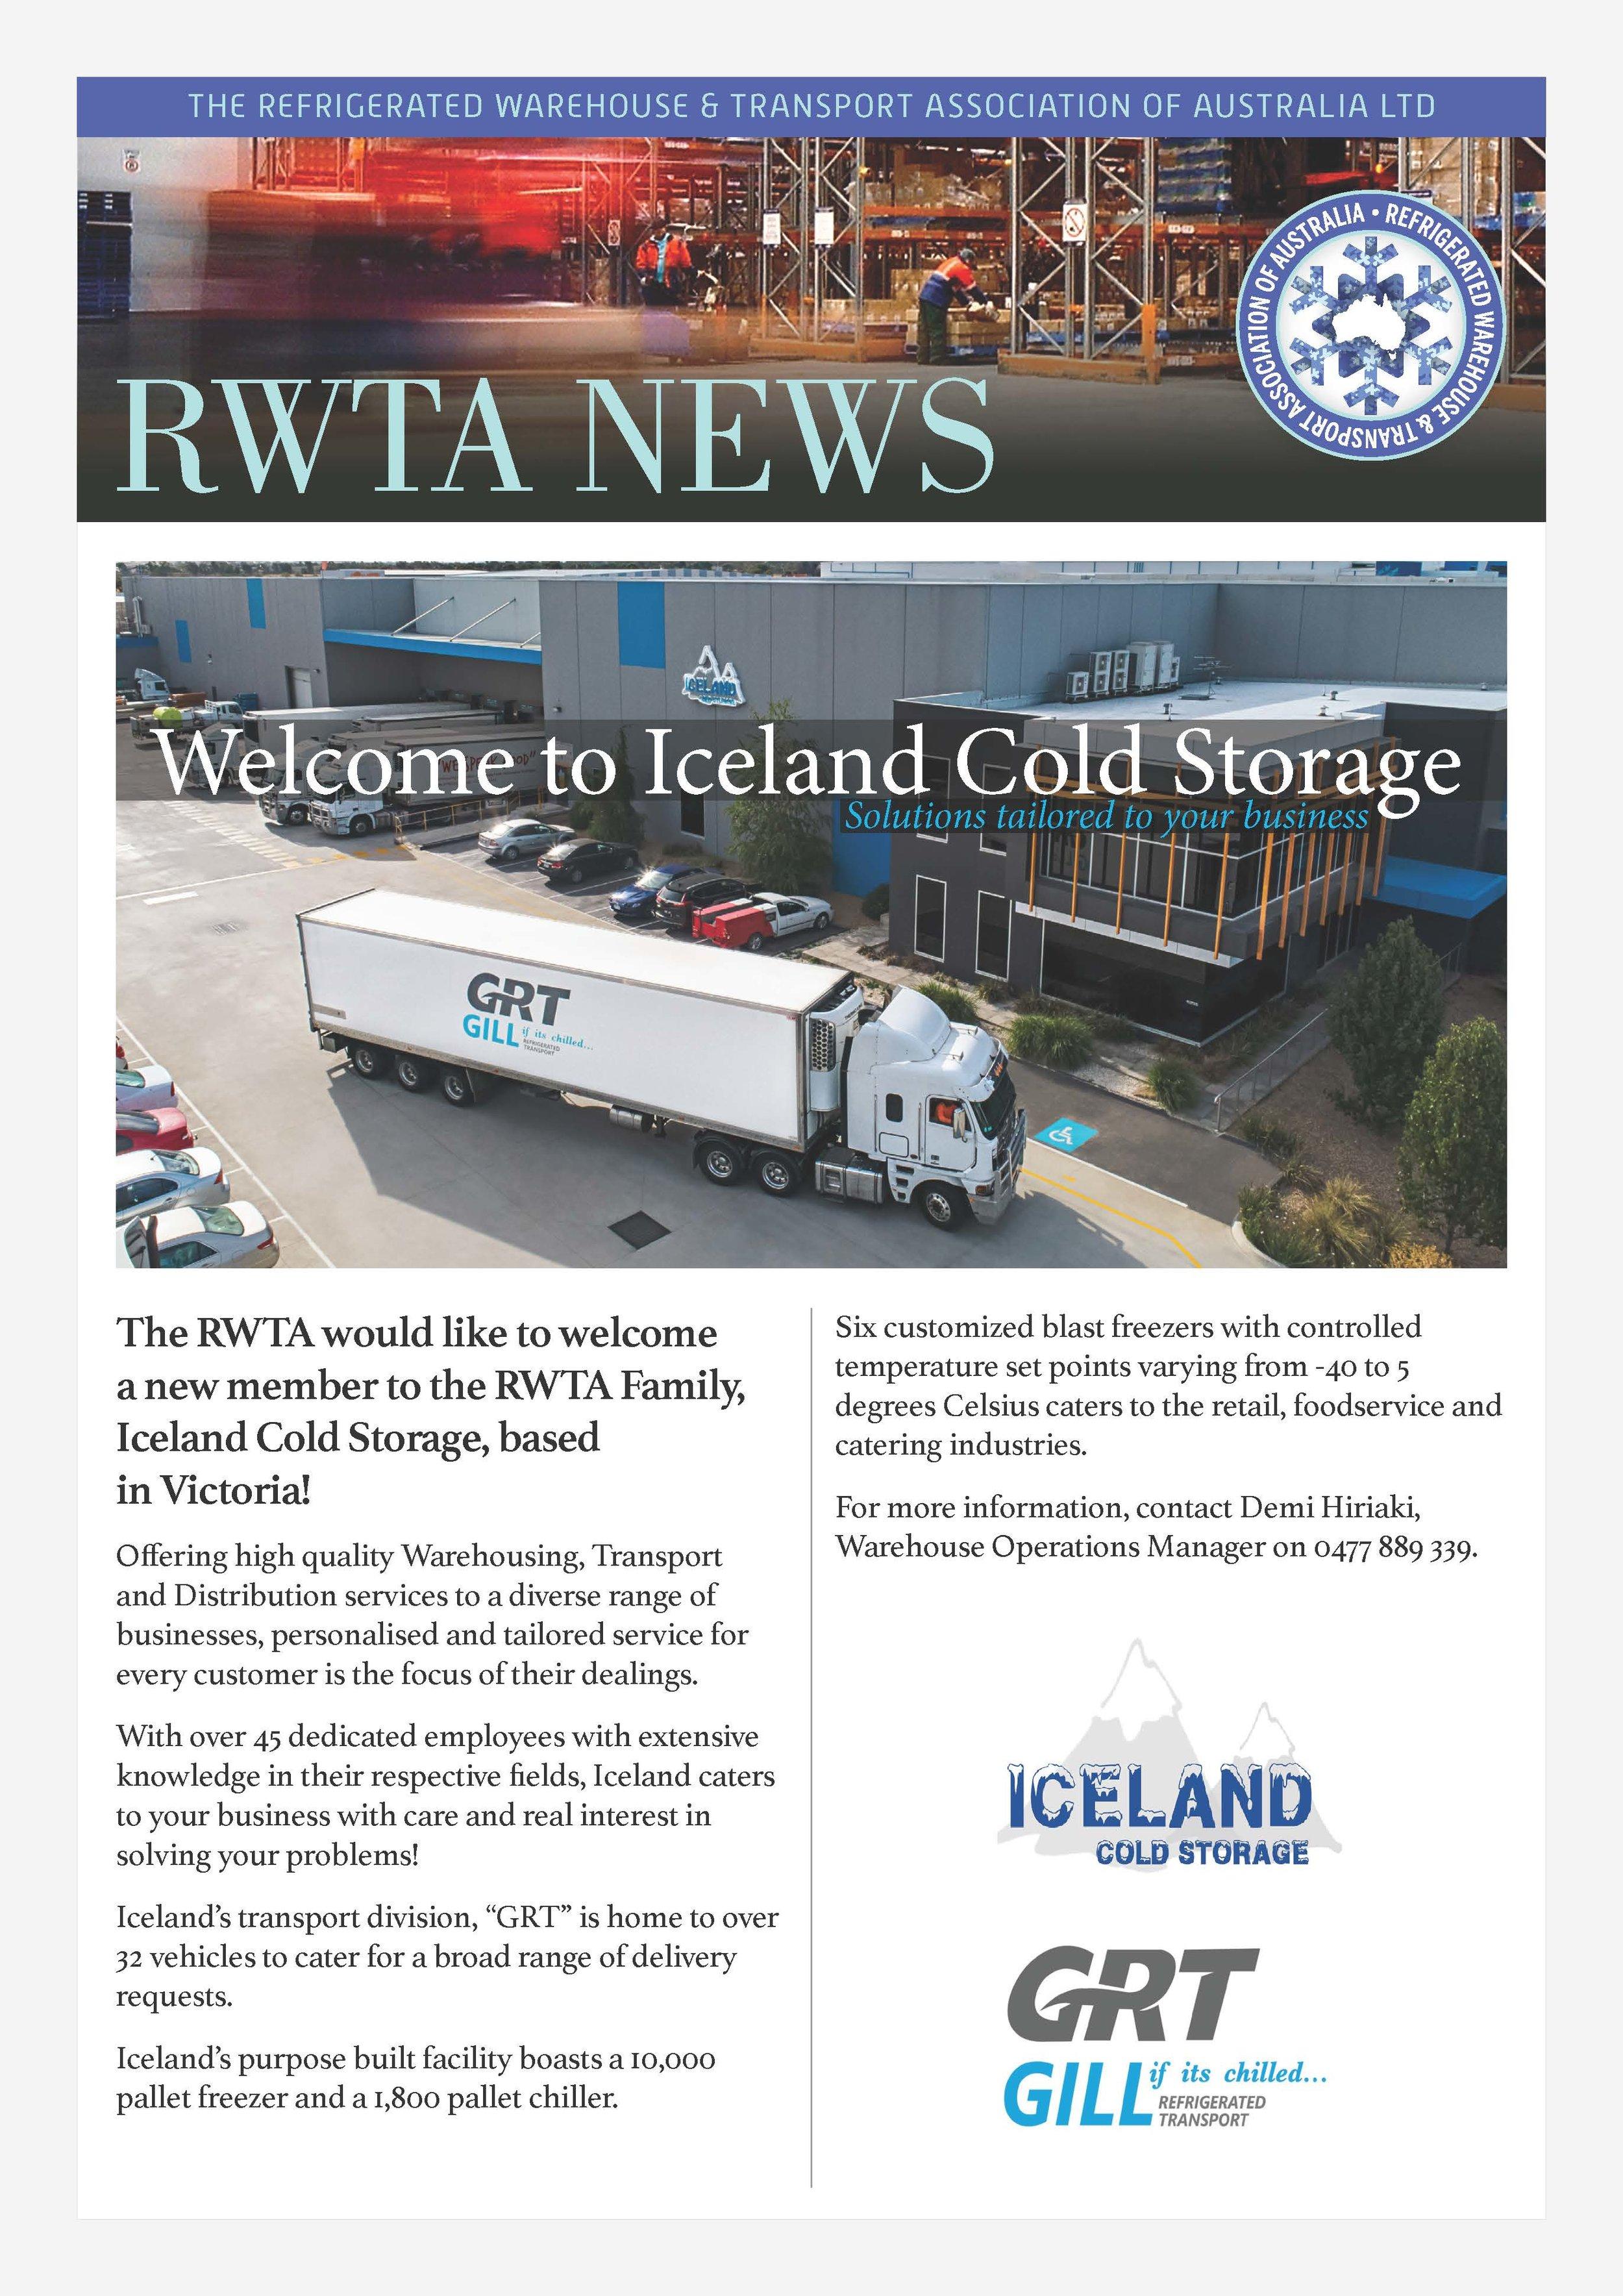 12508_RWTA_Iceland_V1.jpg